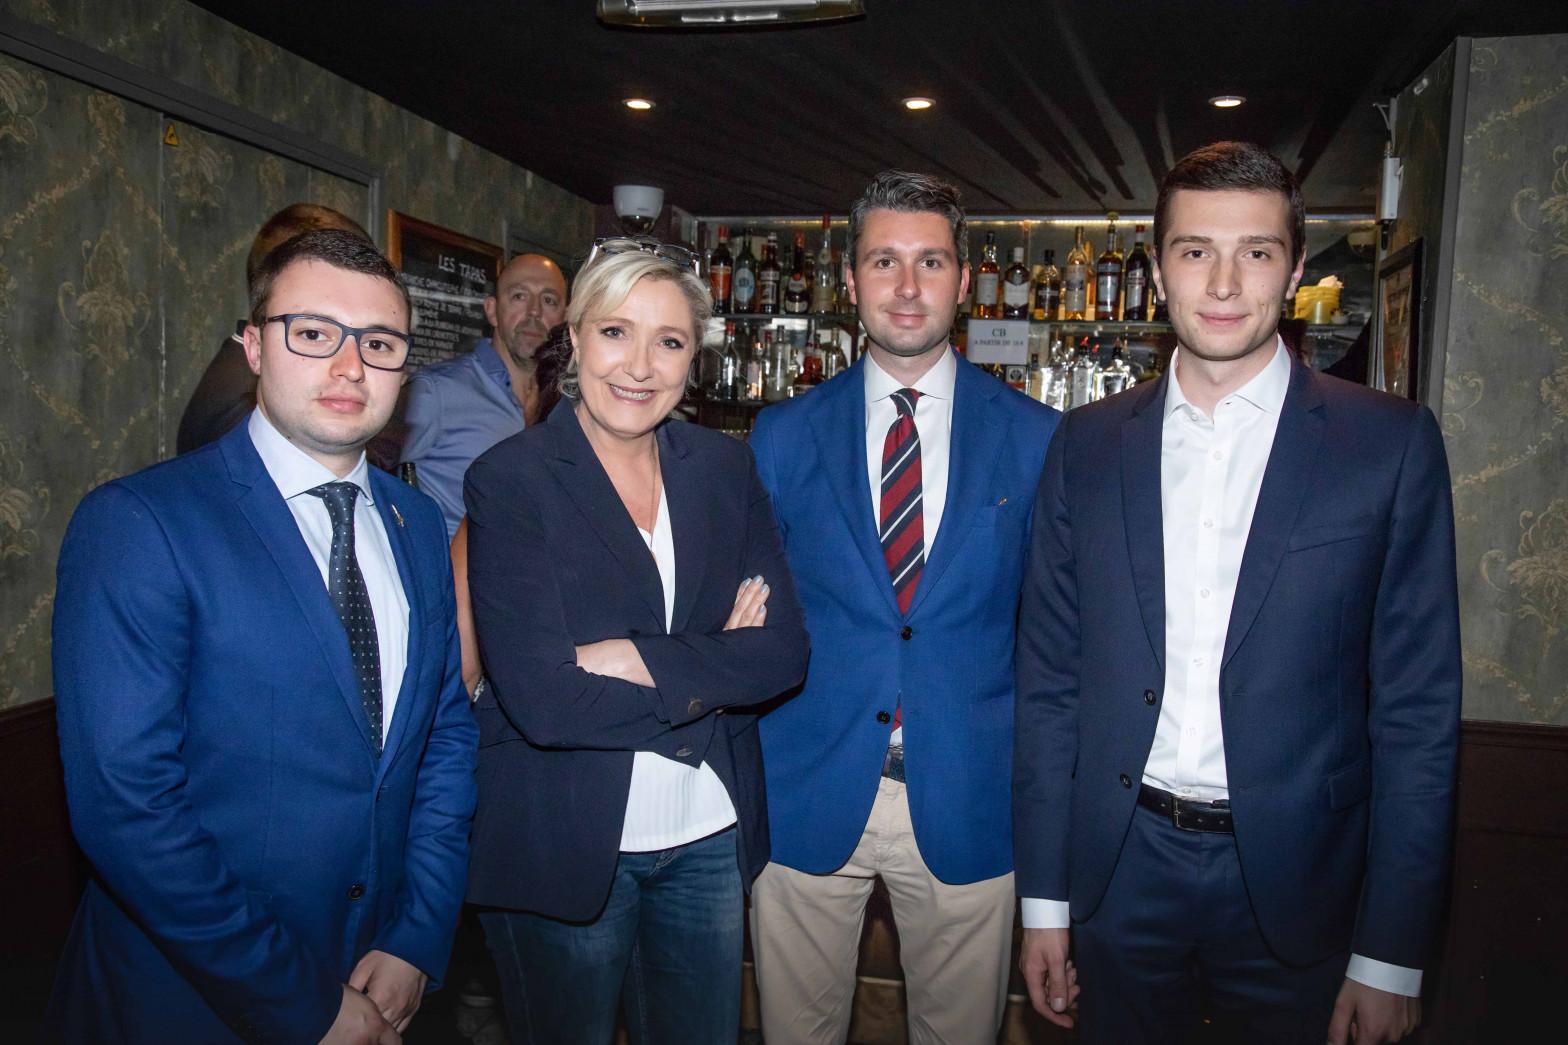 Marine Le Pen con varios cuadros jóvenes, entre ellos Jordan Bardella, candidato a las europeas de 23 años (el más a la derecha)